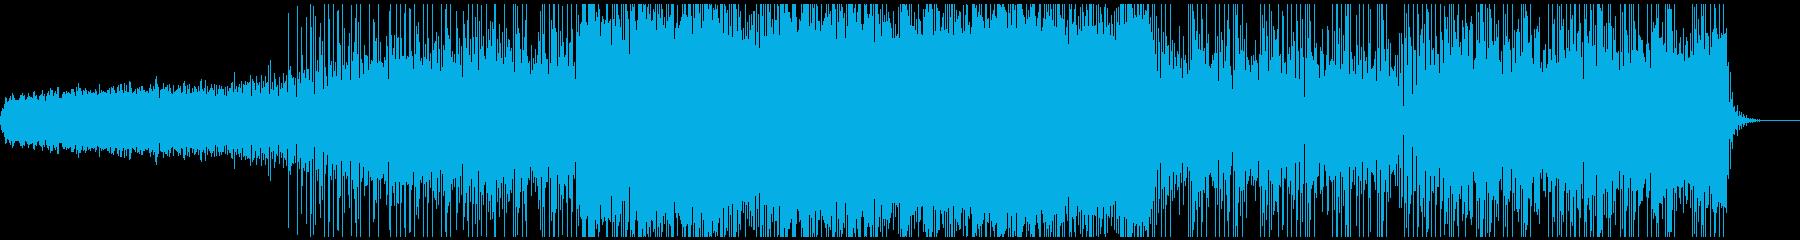 和楽器とシンセサイザーとノイズのミックスの再生済みの波形